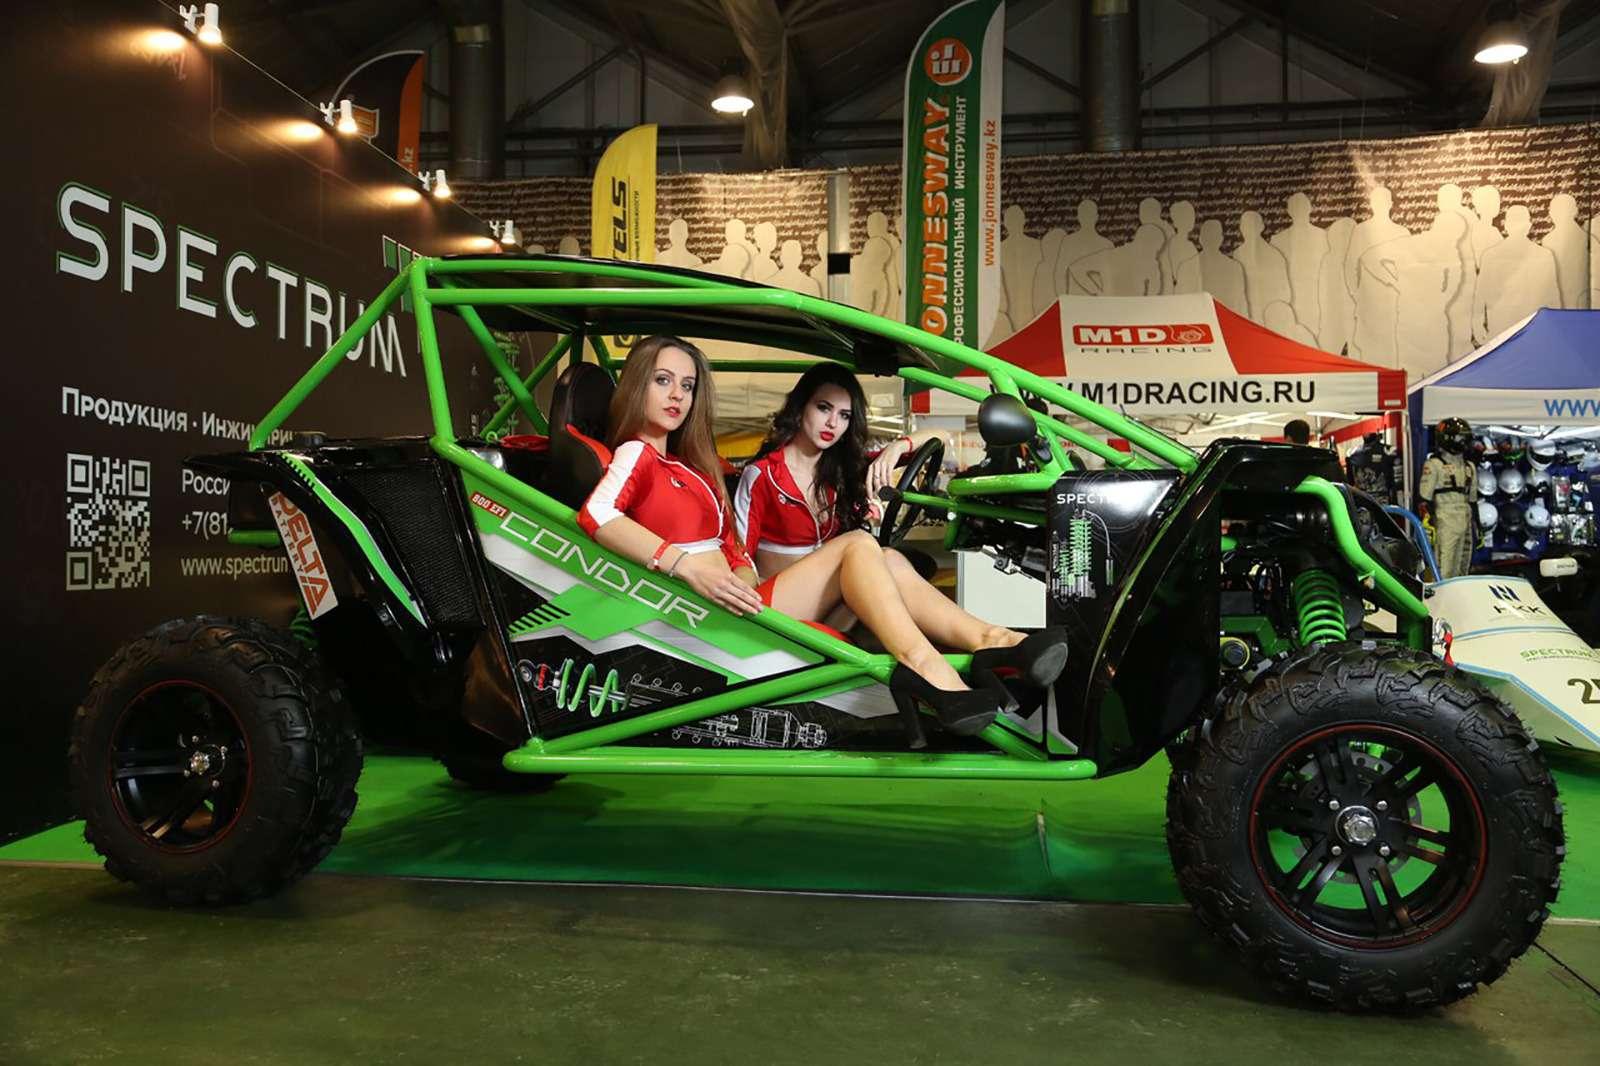 Самые быстрые автомобили илучшие гонщики — спешите на«Моторэкспо»